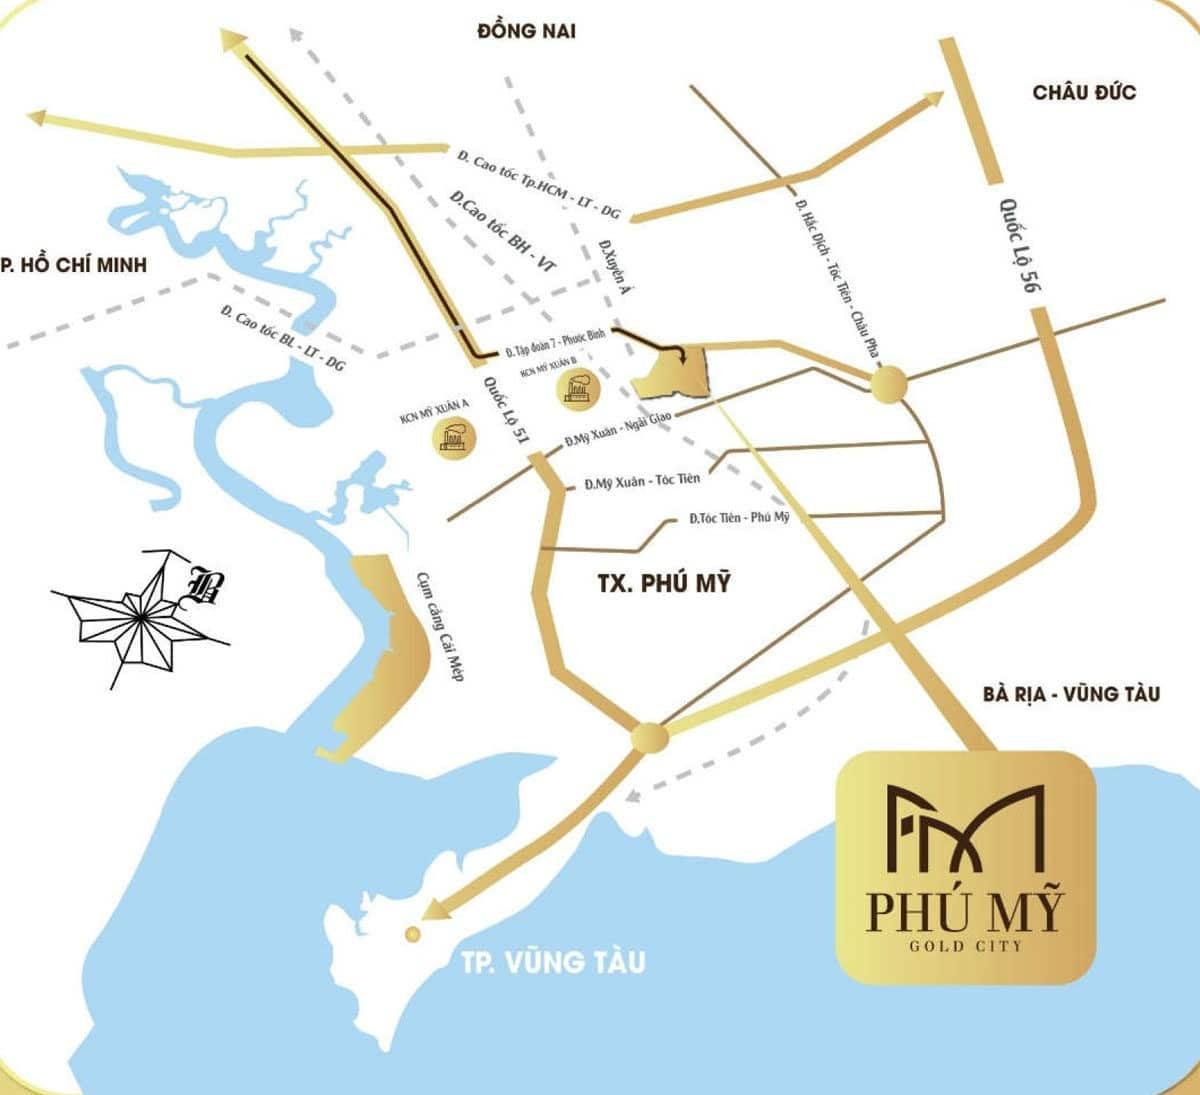 Vị trí trung tâm của Dự án Phú Mỹ Gold City